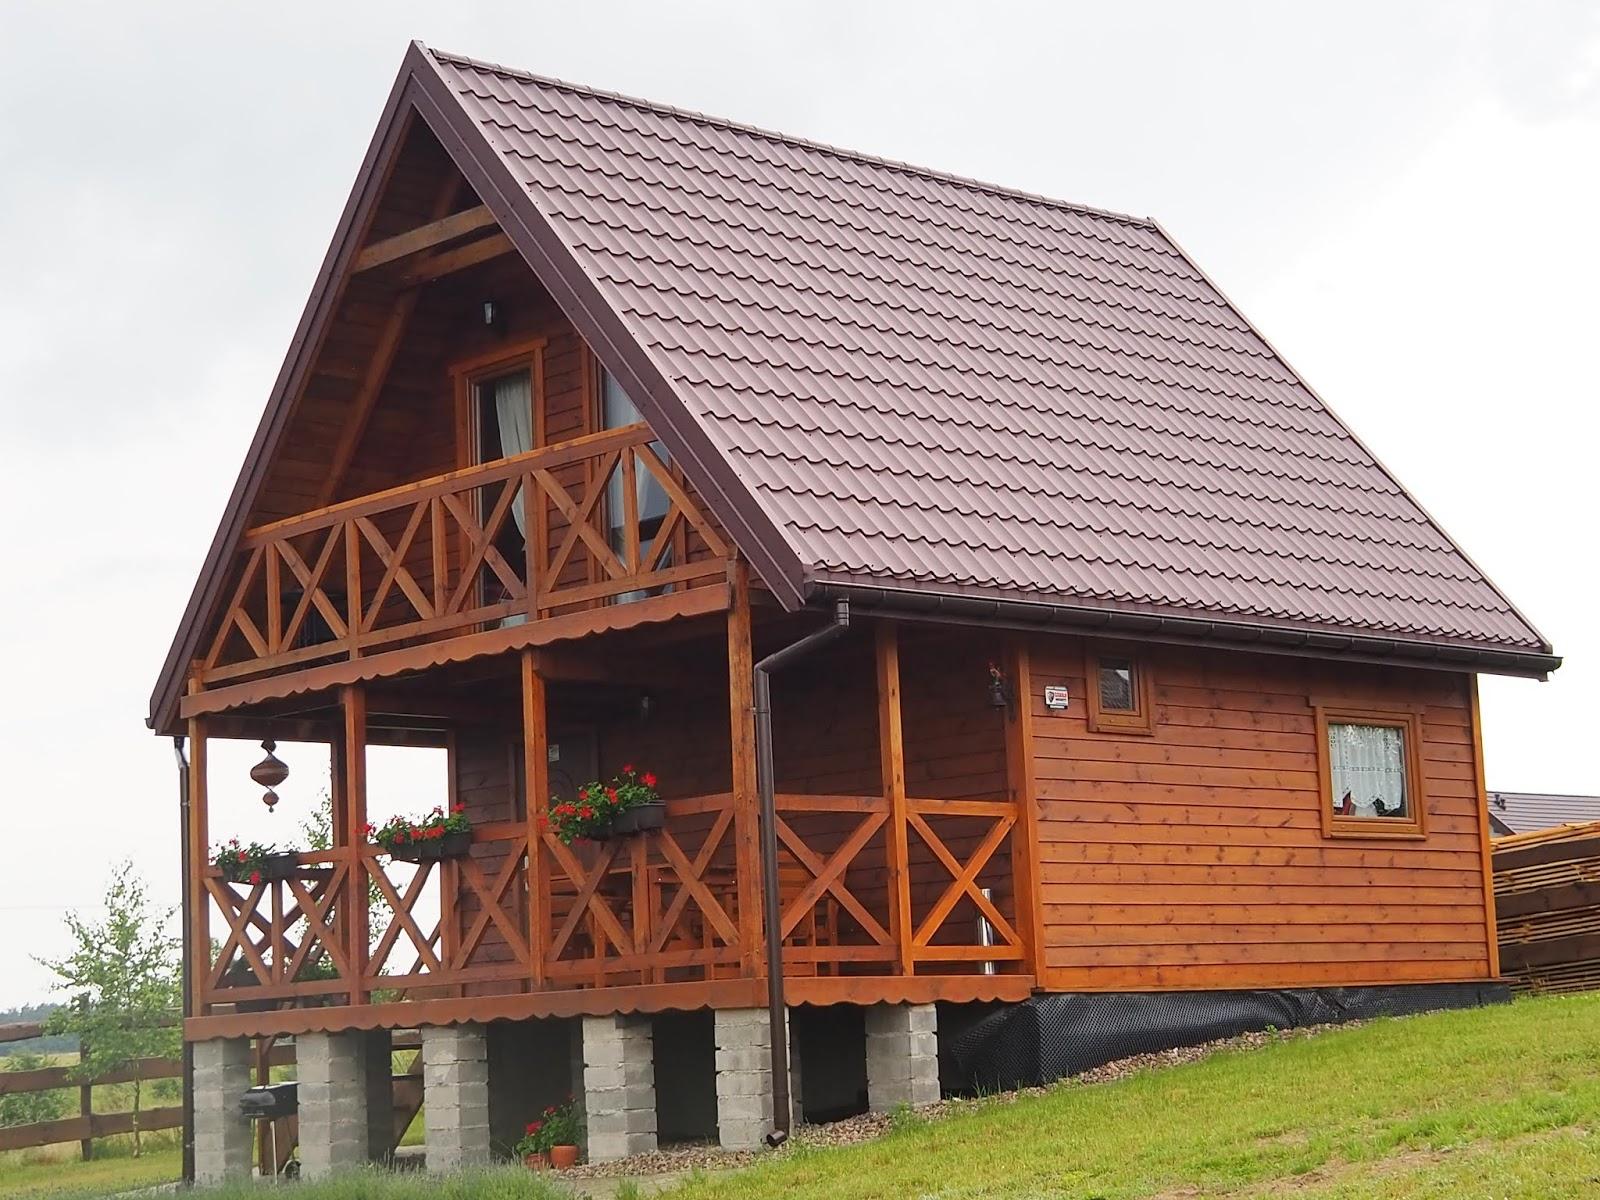 Domki Cichosza - rodzinne miejsce wypoczynku